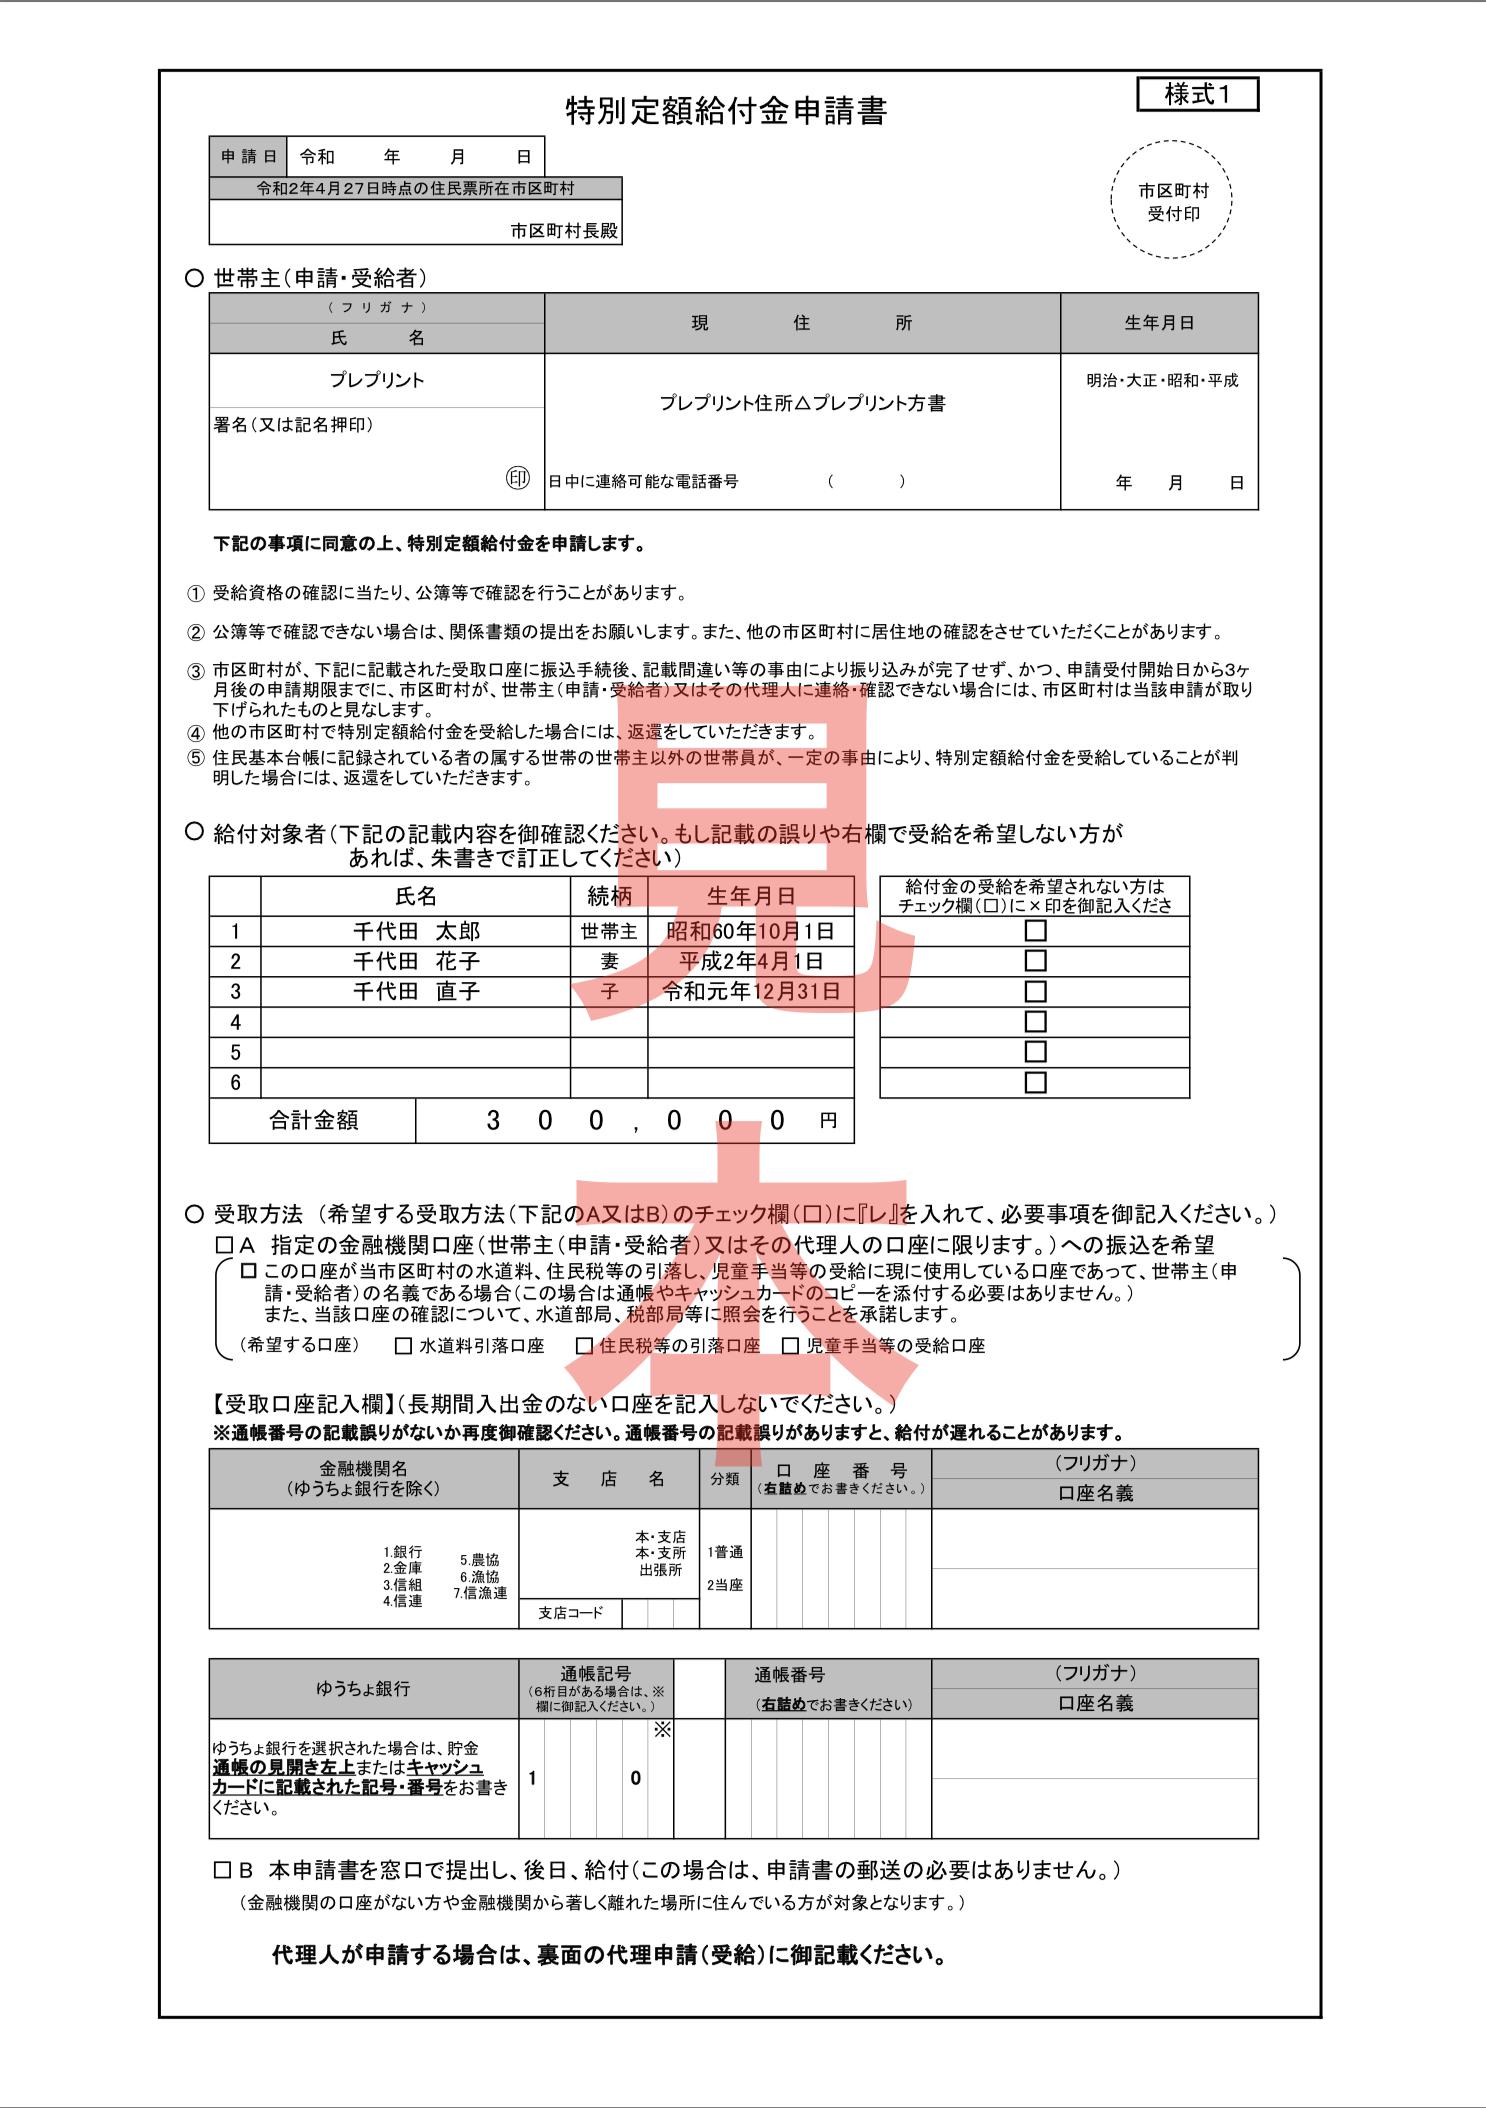 定額給付の申請書類の見本